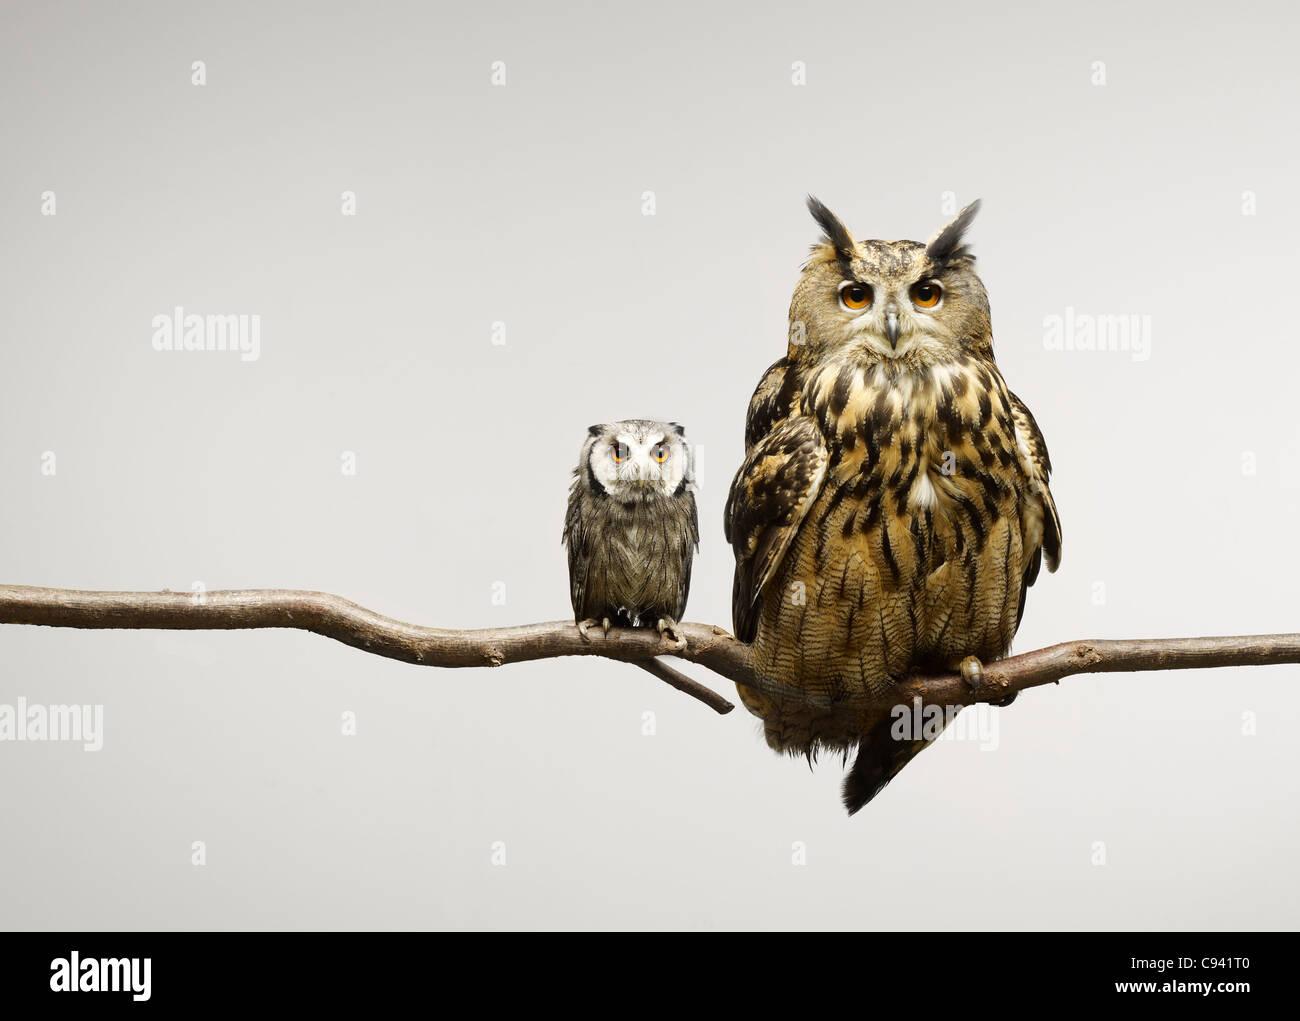 Zwergohreule und Uhu, die gemeinsam auf einem Ast sitzend Stockbild